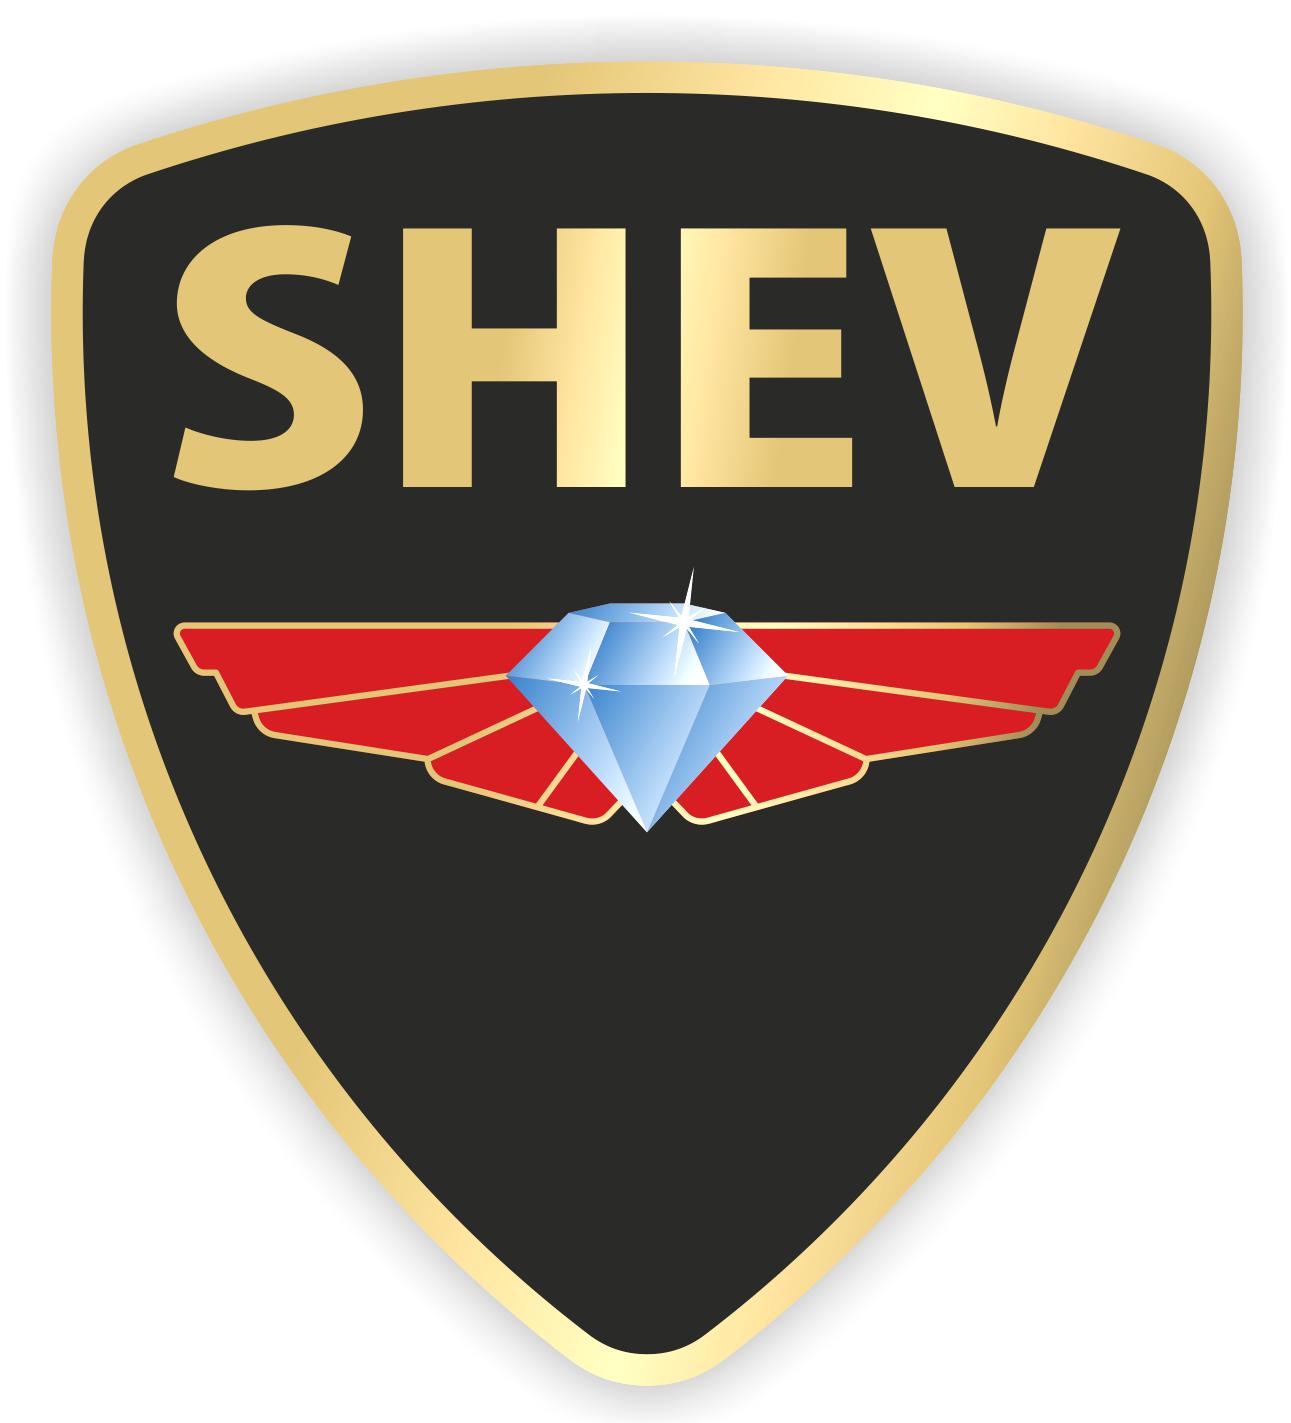 shev_mobile_logo